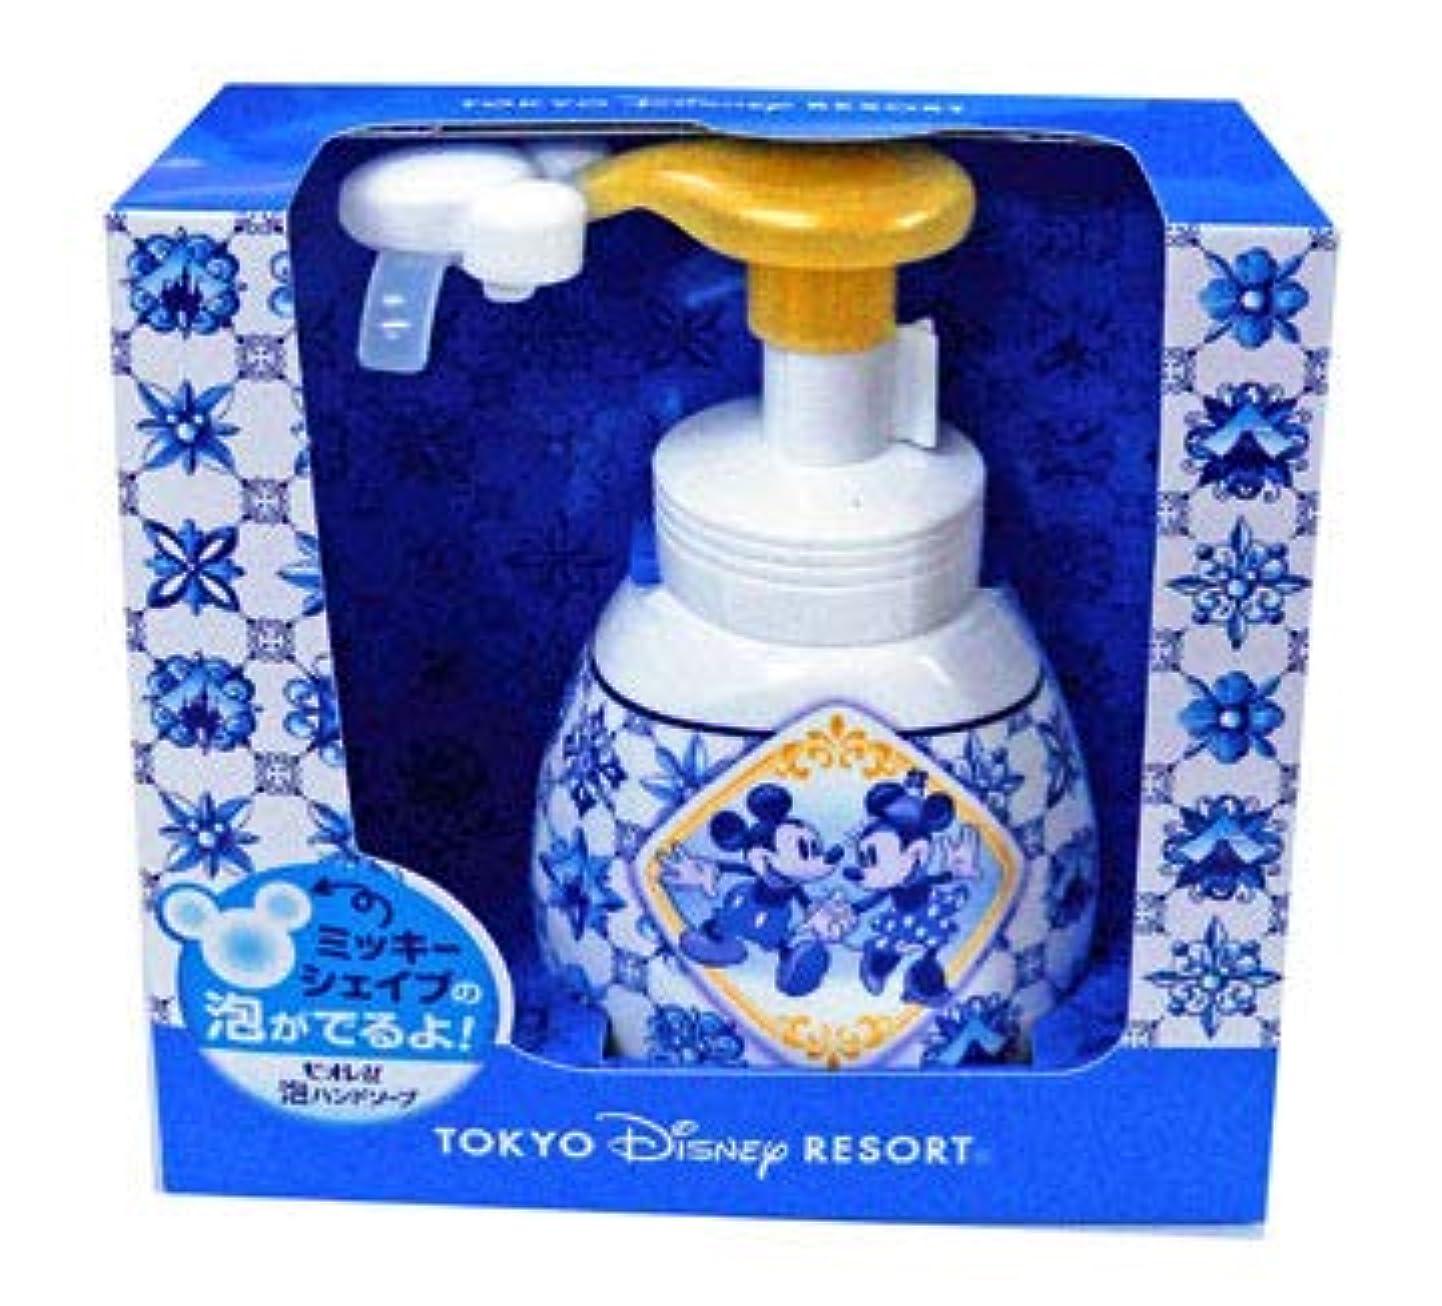 良心的含める唯一泡ハンドソープ(新デザイン) 東京ディズニーリゾート ミッキーとミニー柄  おみやげ